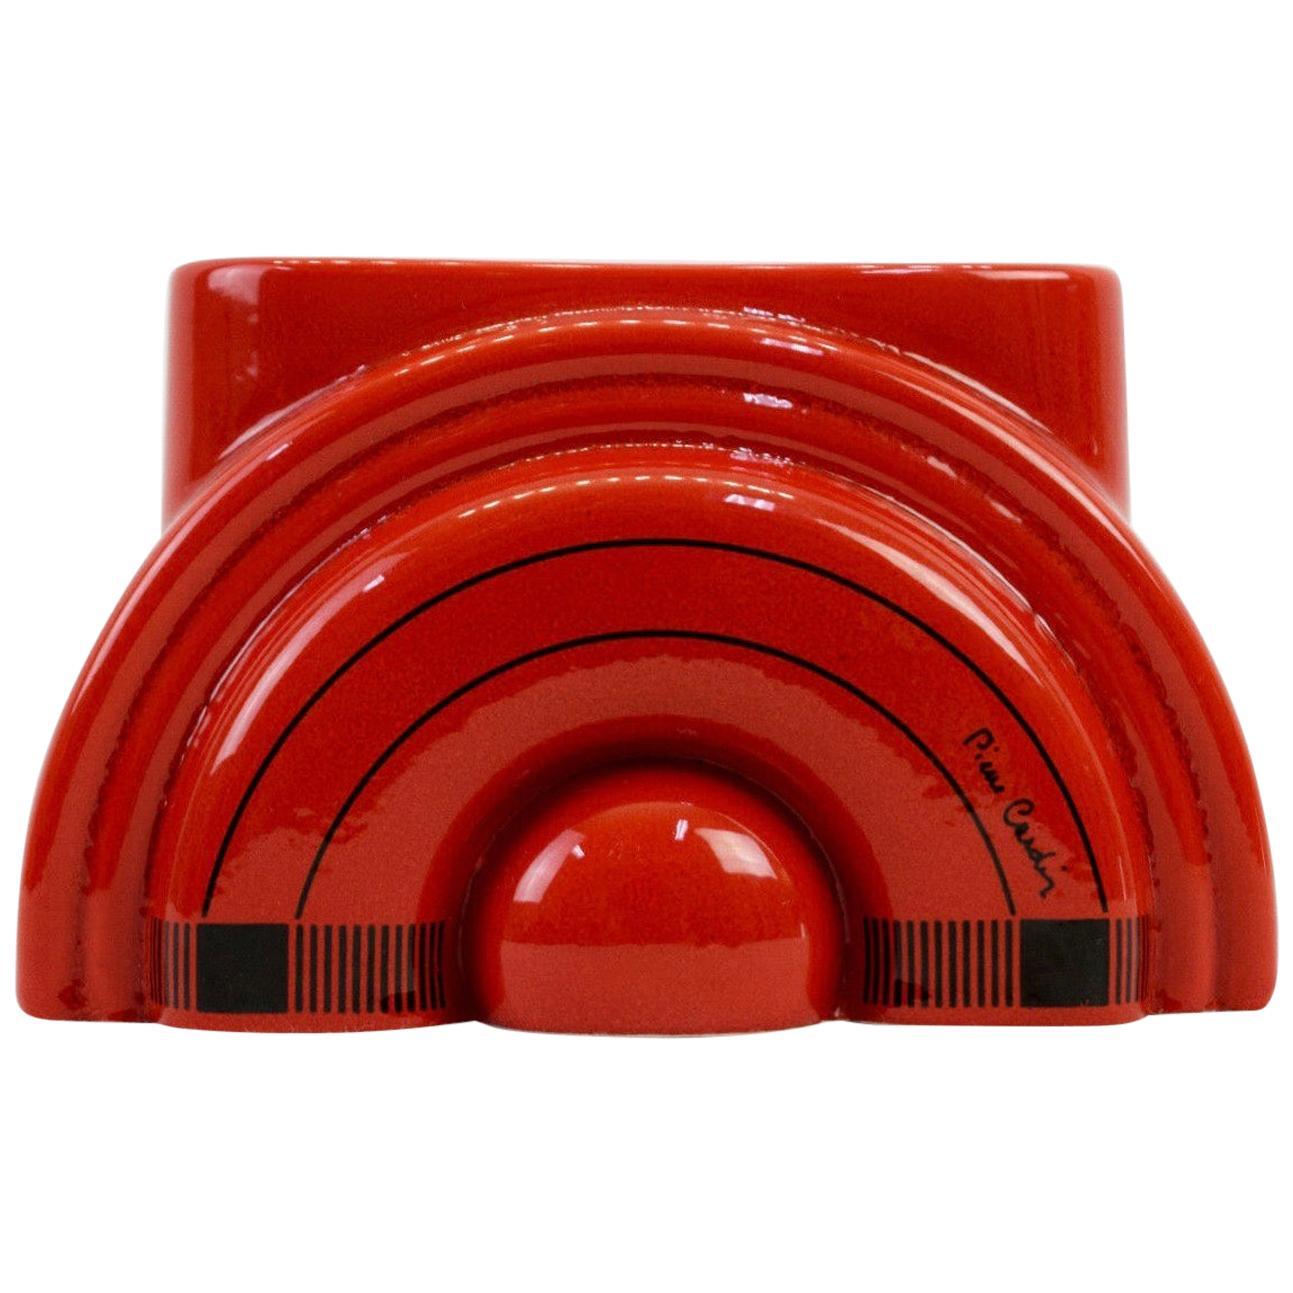 Pierre Cardin Modern Red Porcelain Vase Franco Pozzi Ceramica, 1970s, Italy